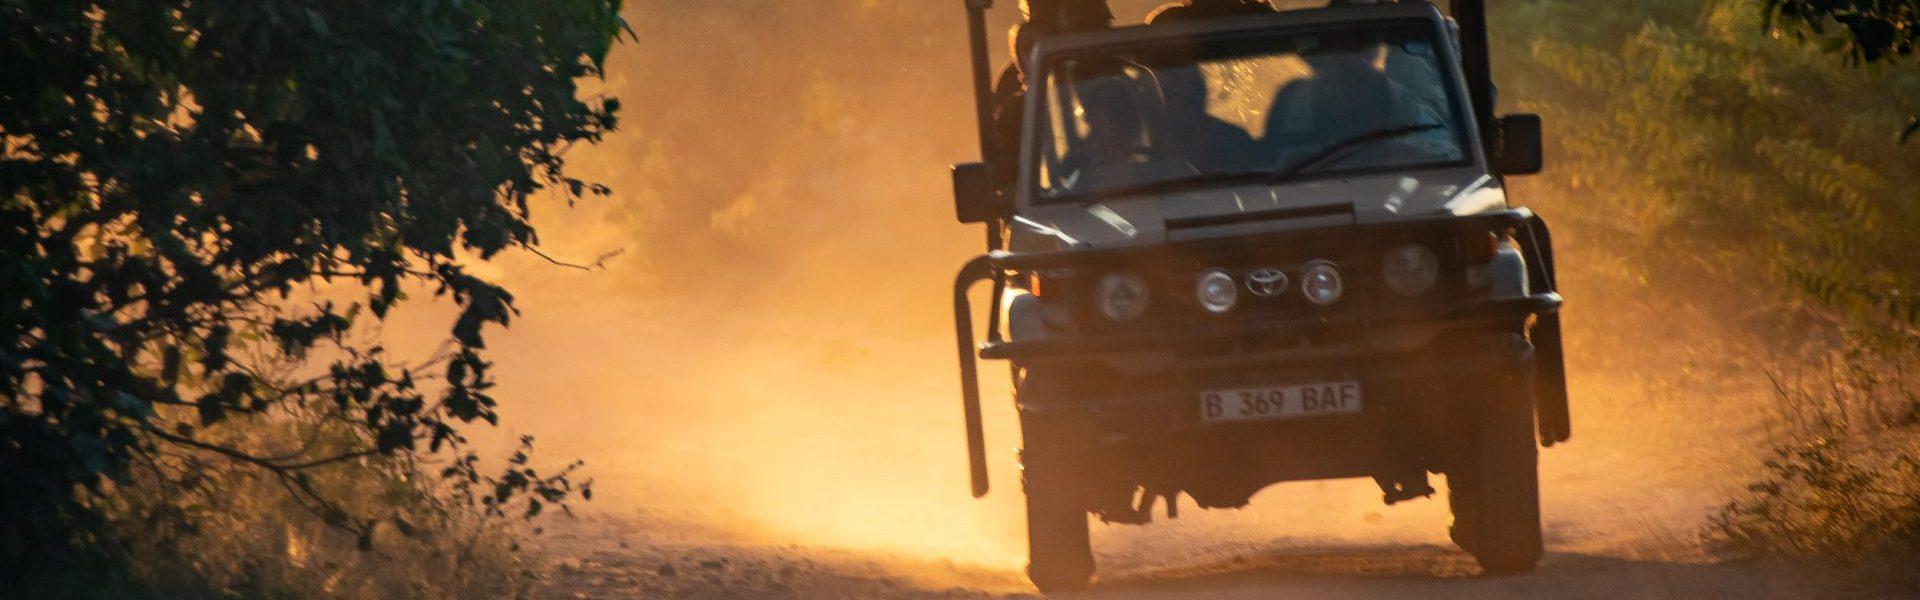 Safari (Foto: Rainer Skrovny, ARR Reisen)